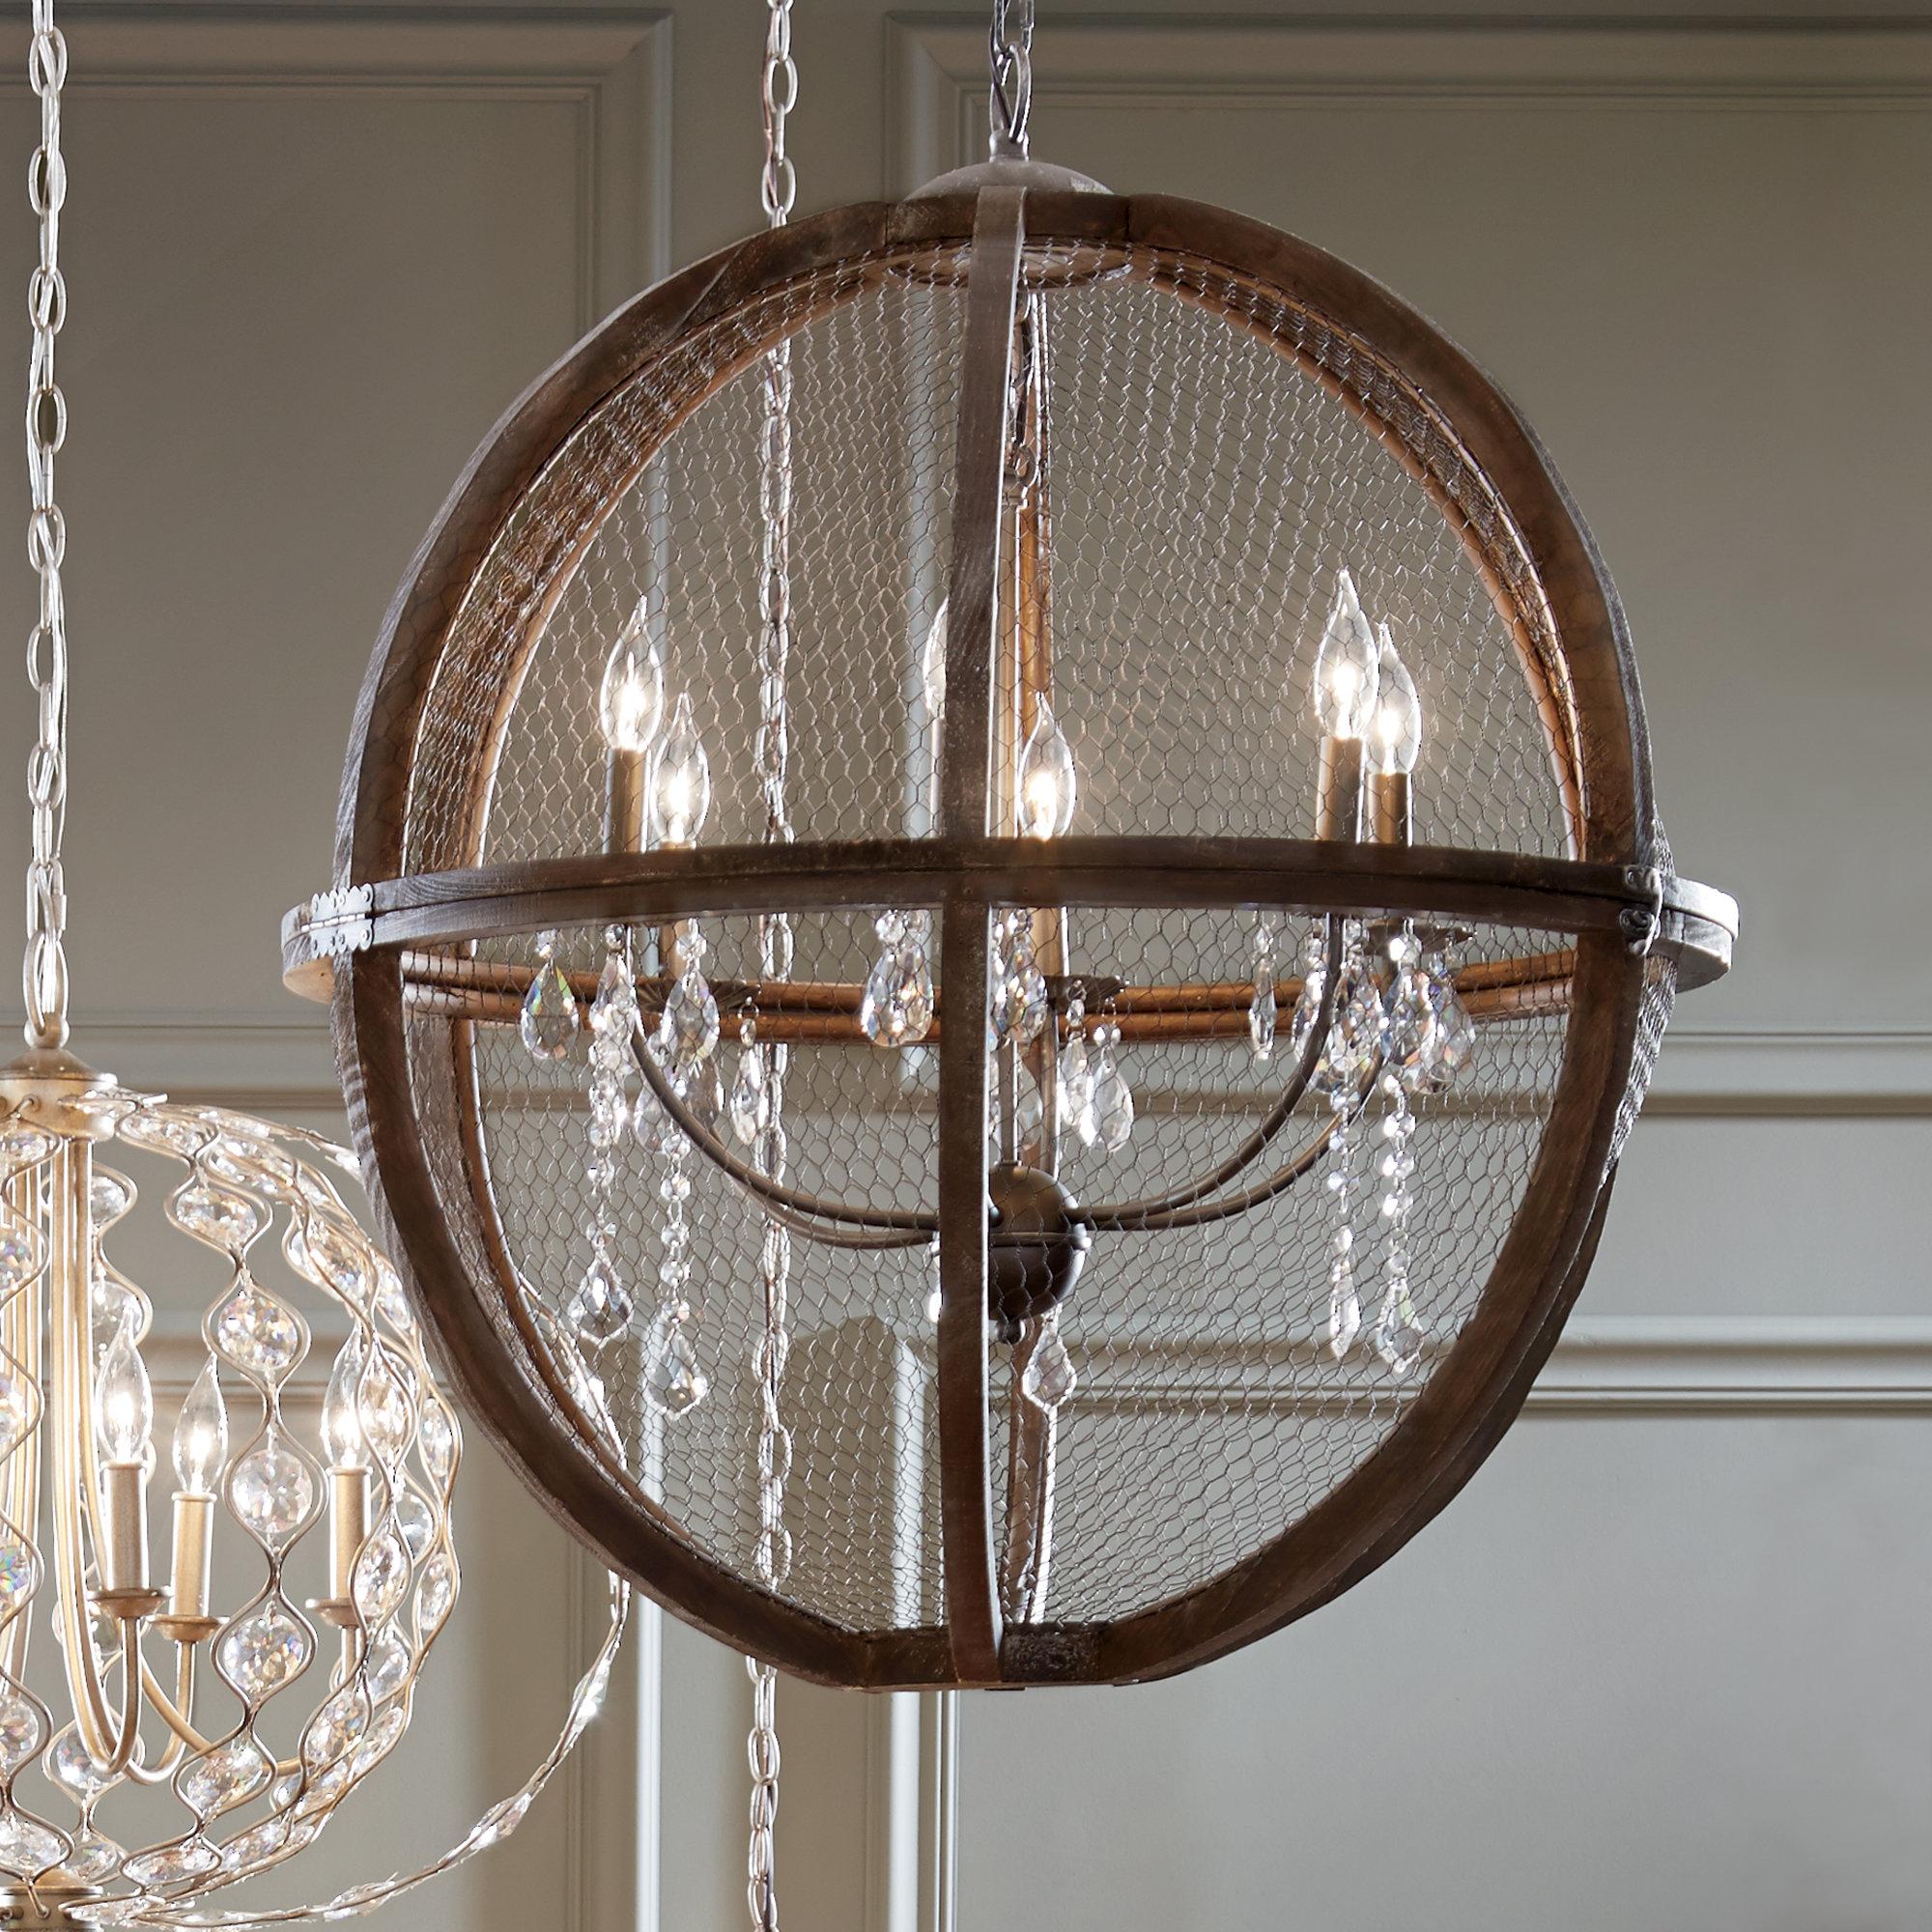 Rosemont 6 Light Globe Chandelier Pertaining To Alden 6 Light Globe Chandeliers (View 18 of 30)